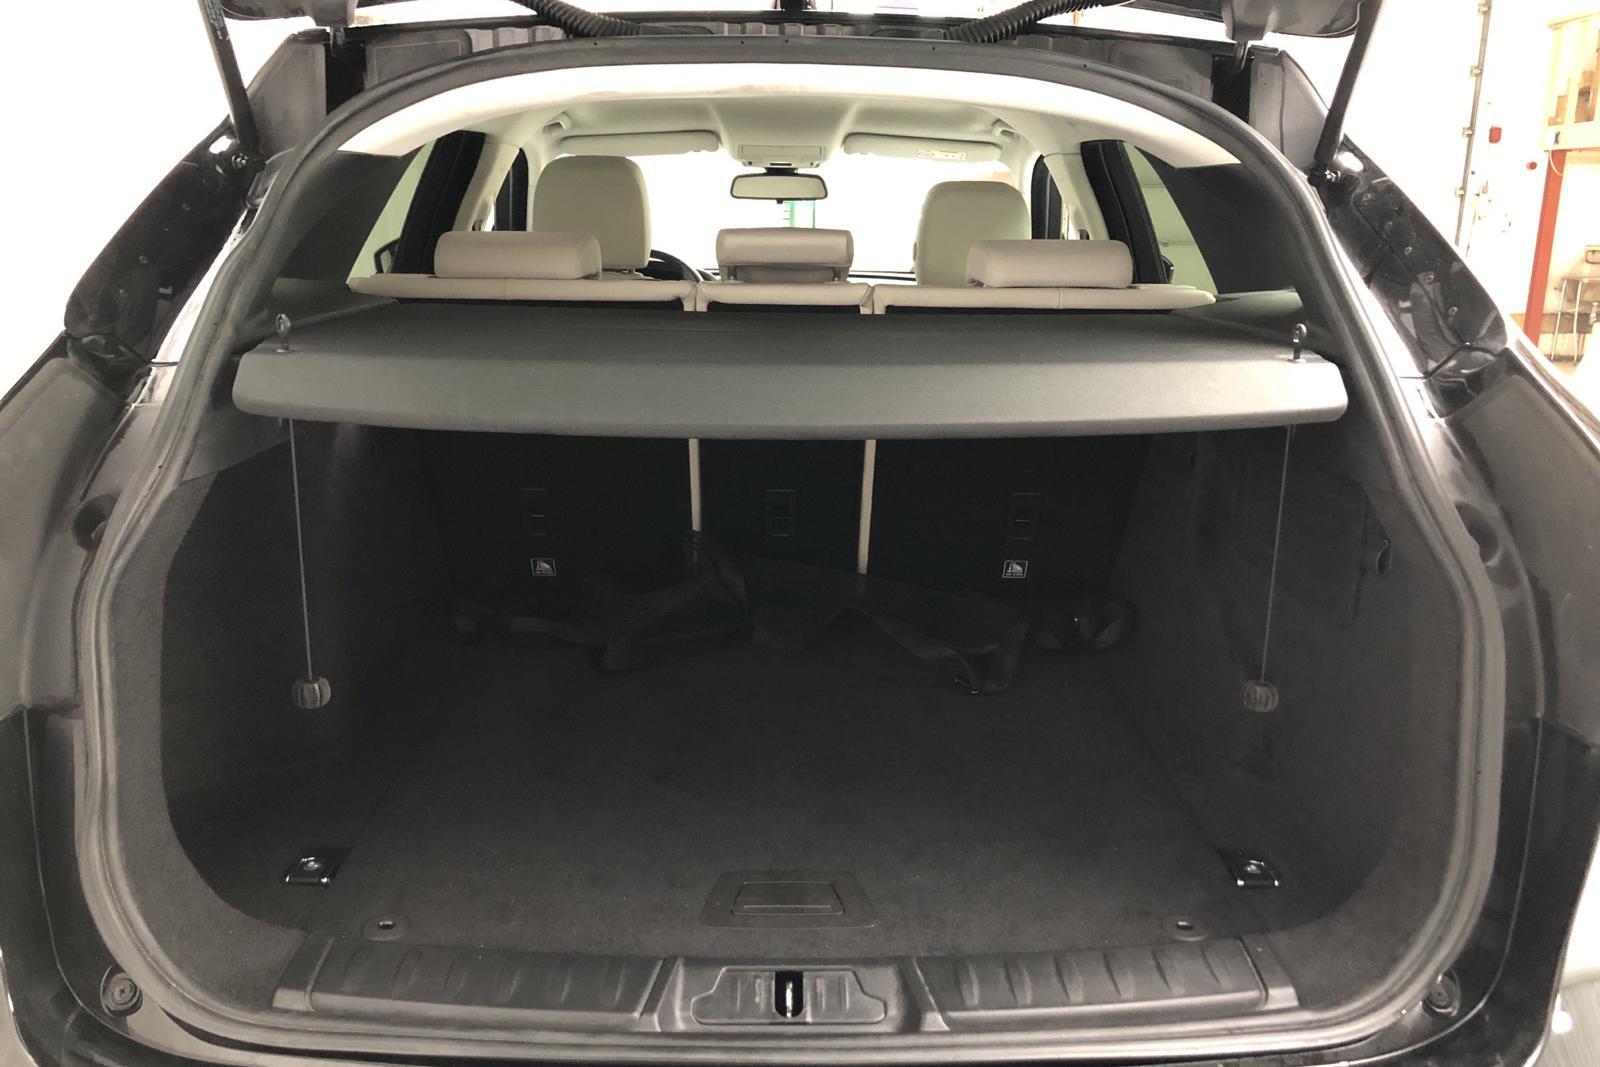 Jaguar F-Pace 25D 2.0 AWD (240hk) - 74 000 km - black - 2018